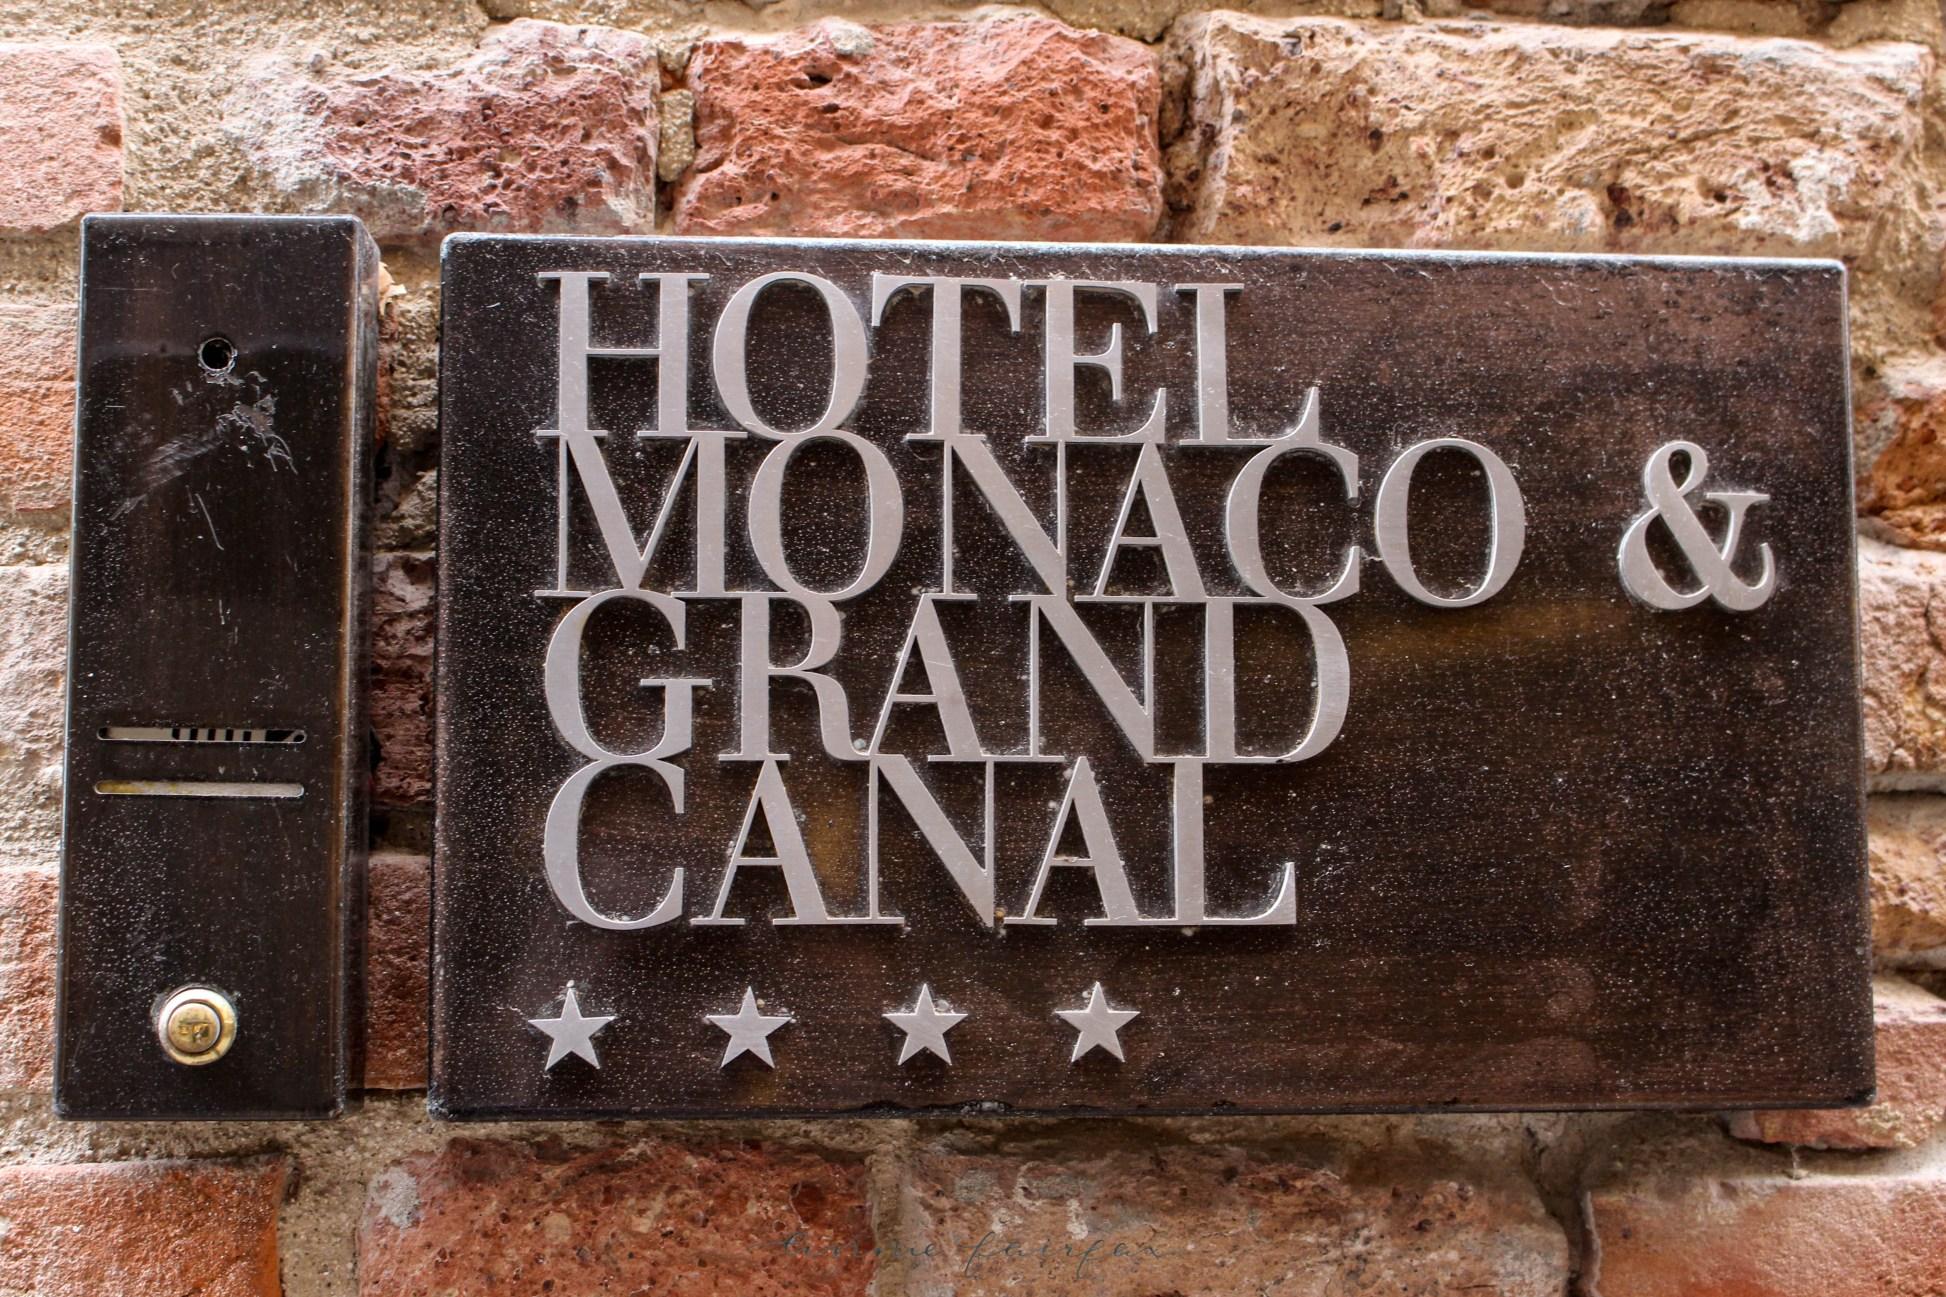 Hotel Monaco Grand Canal Venice Italy